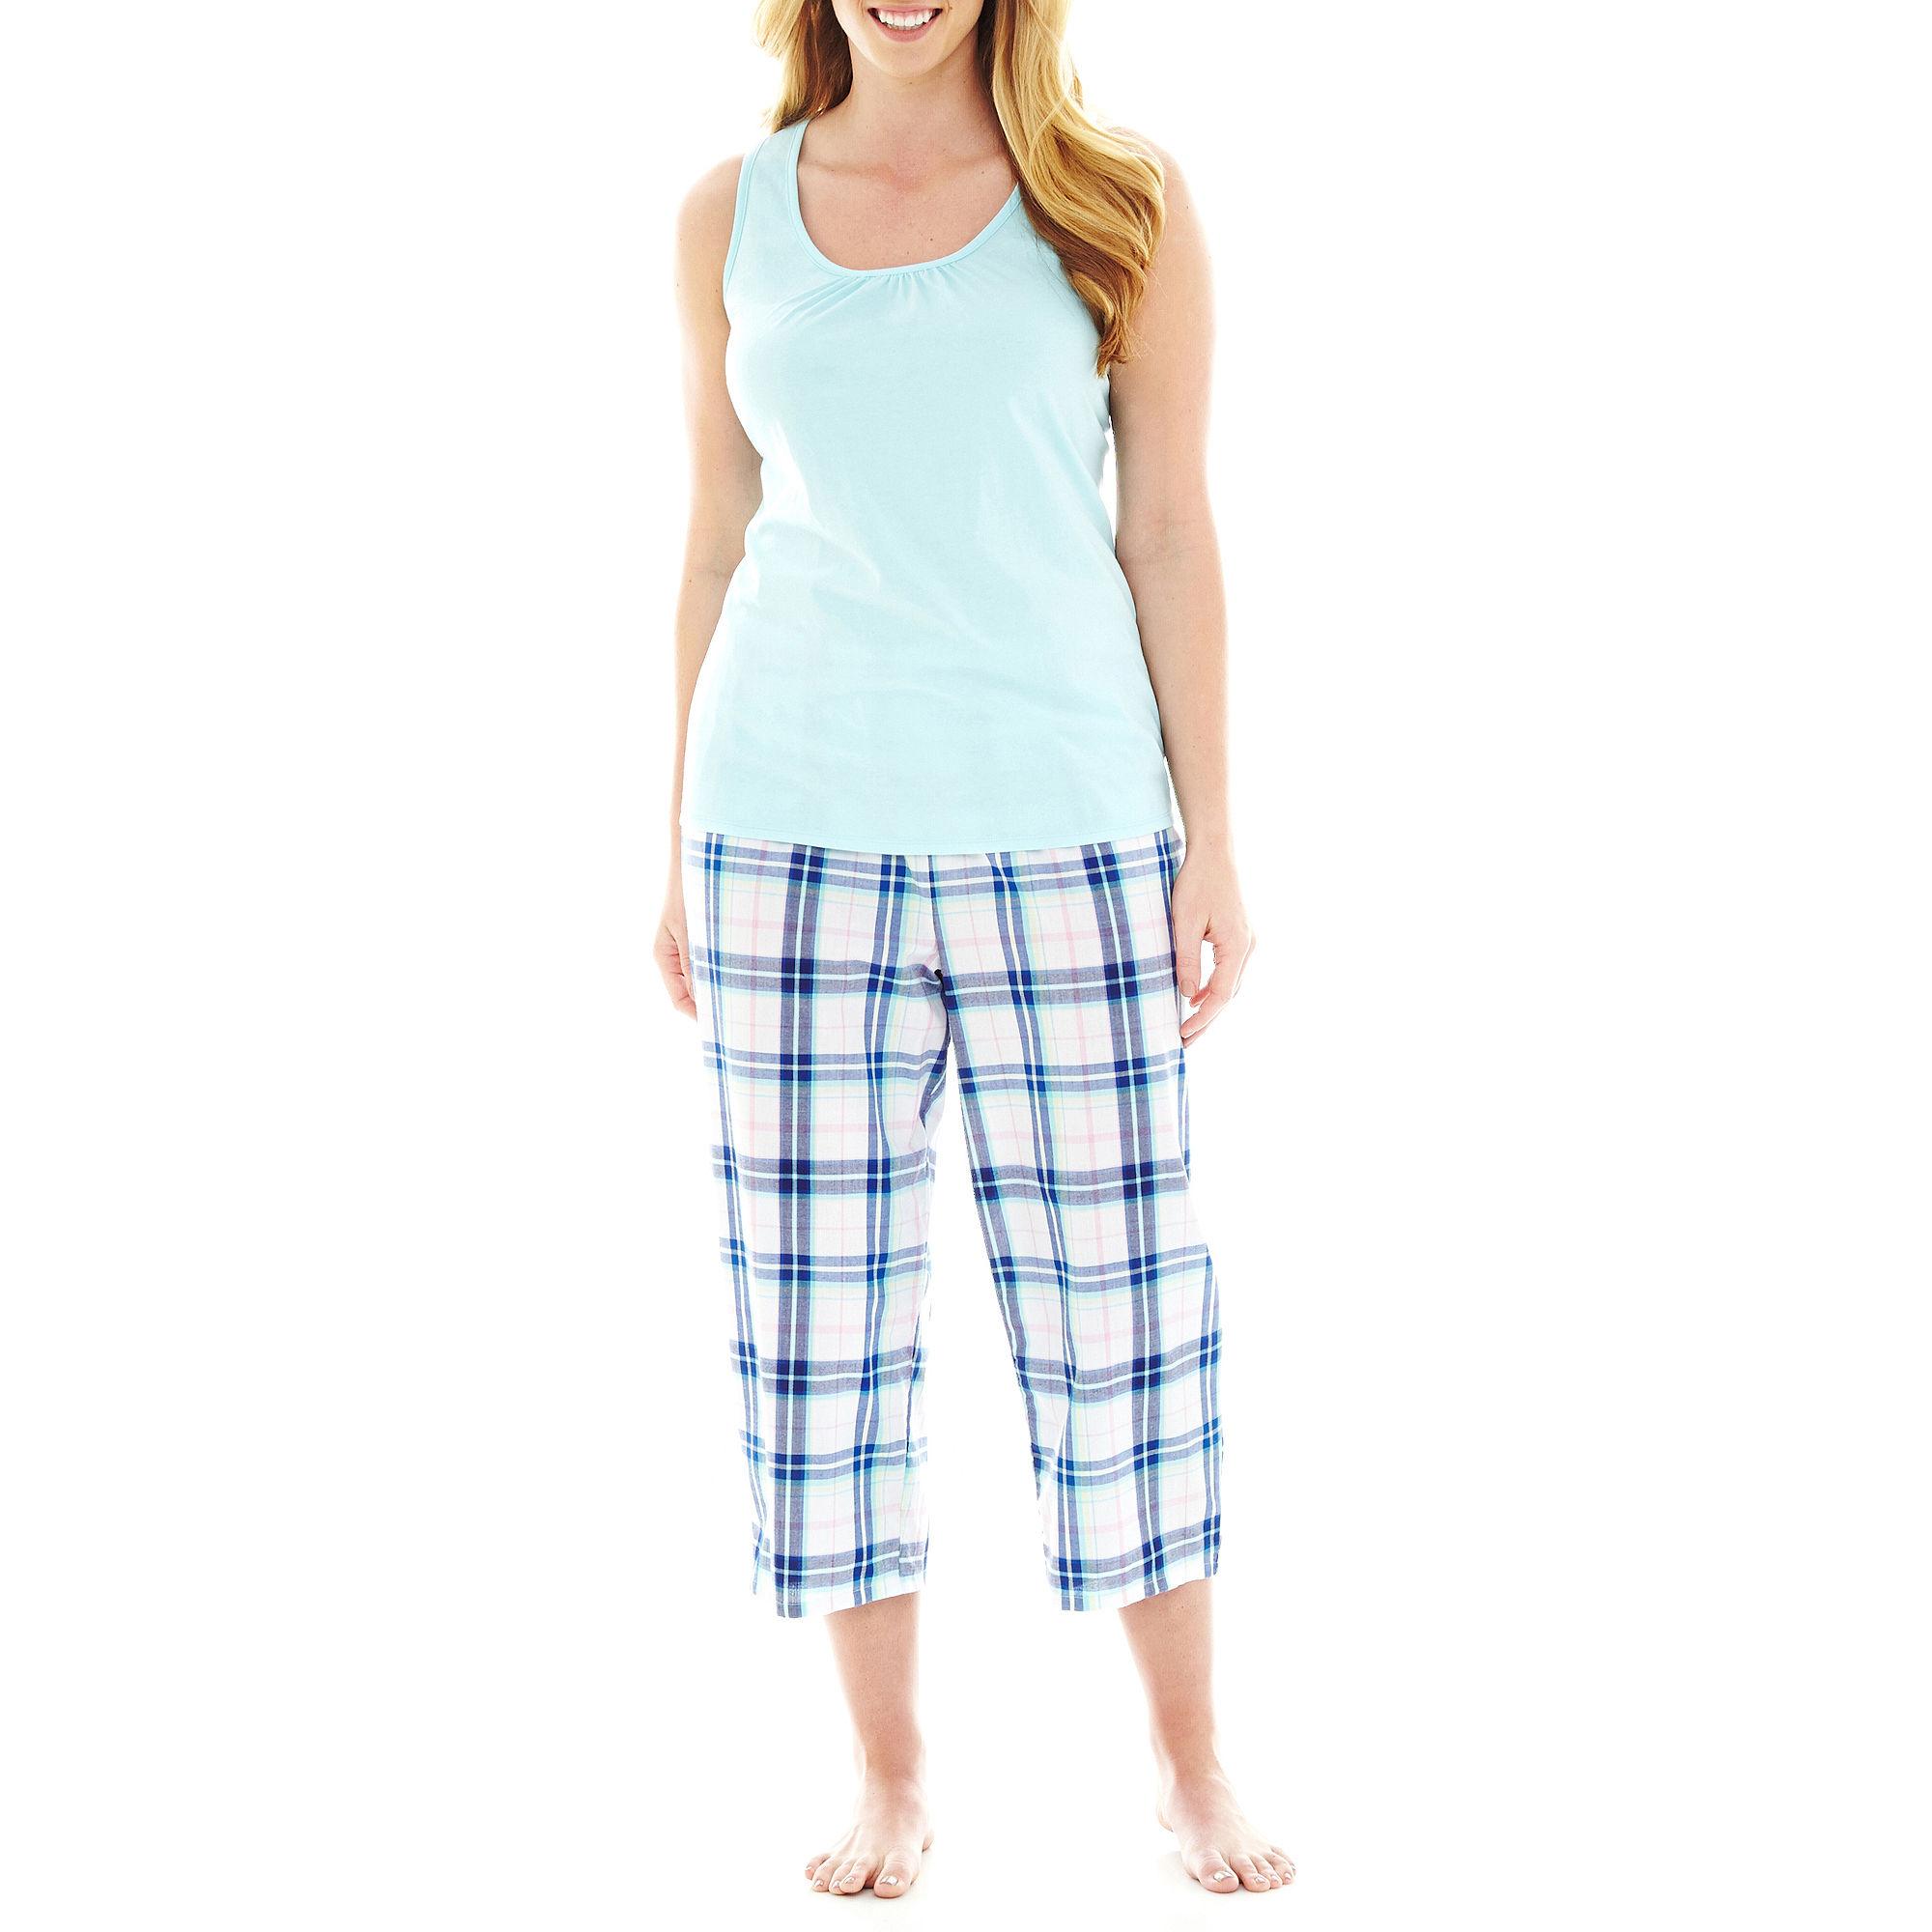 Mixit Woven Tank Top and Capris Pajama Set - Plus